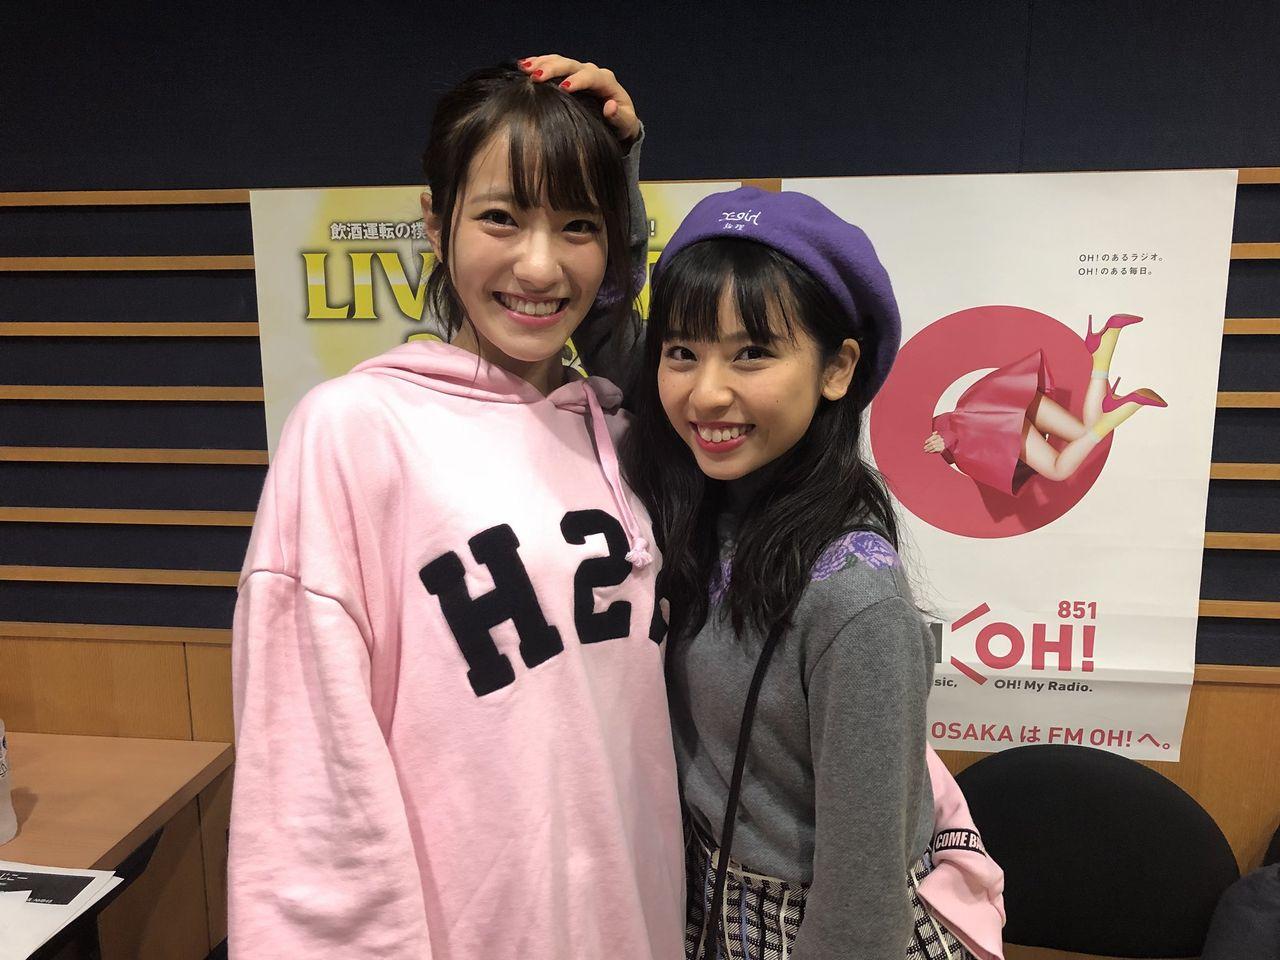 【らじこー】NMB 小嶋花梨がうんこドリルに挑戦した結果wwww